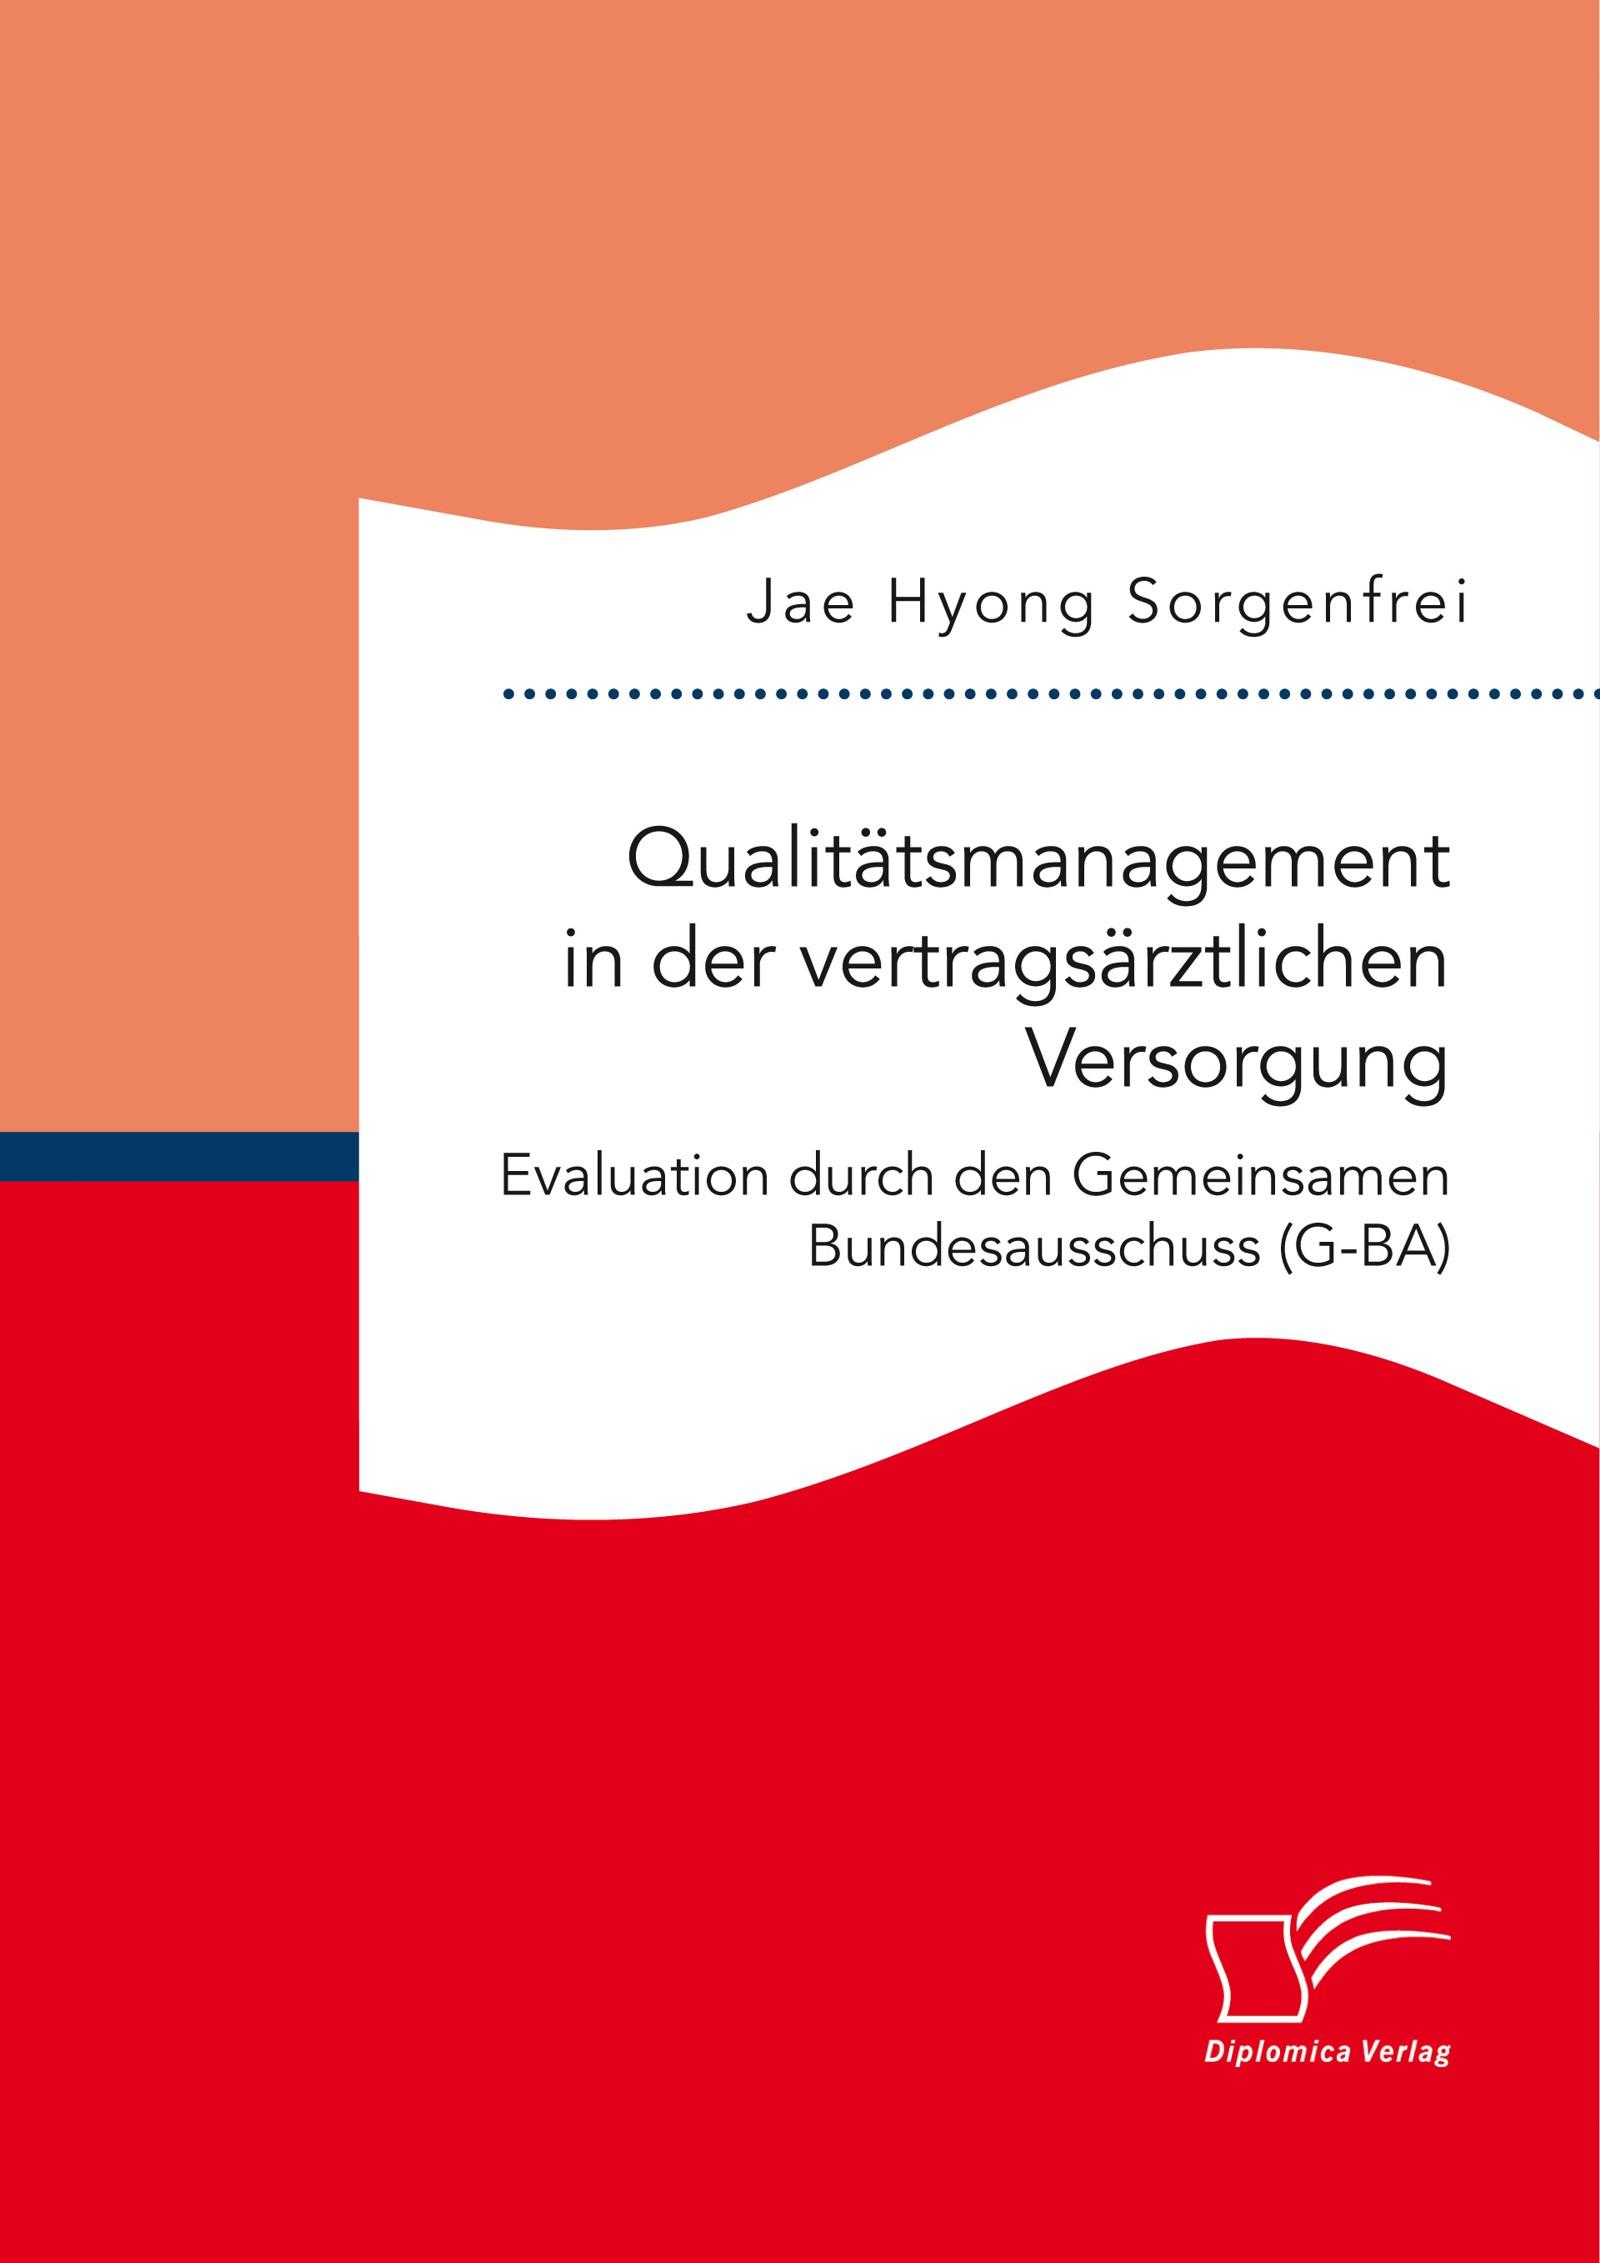 Qualitätsmanagement in der vertragsärztlichen Versorgung ...  Qualitätsmanag...